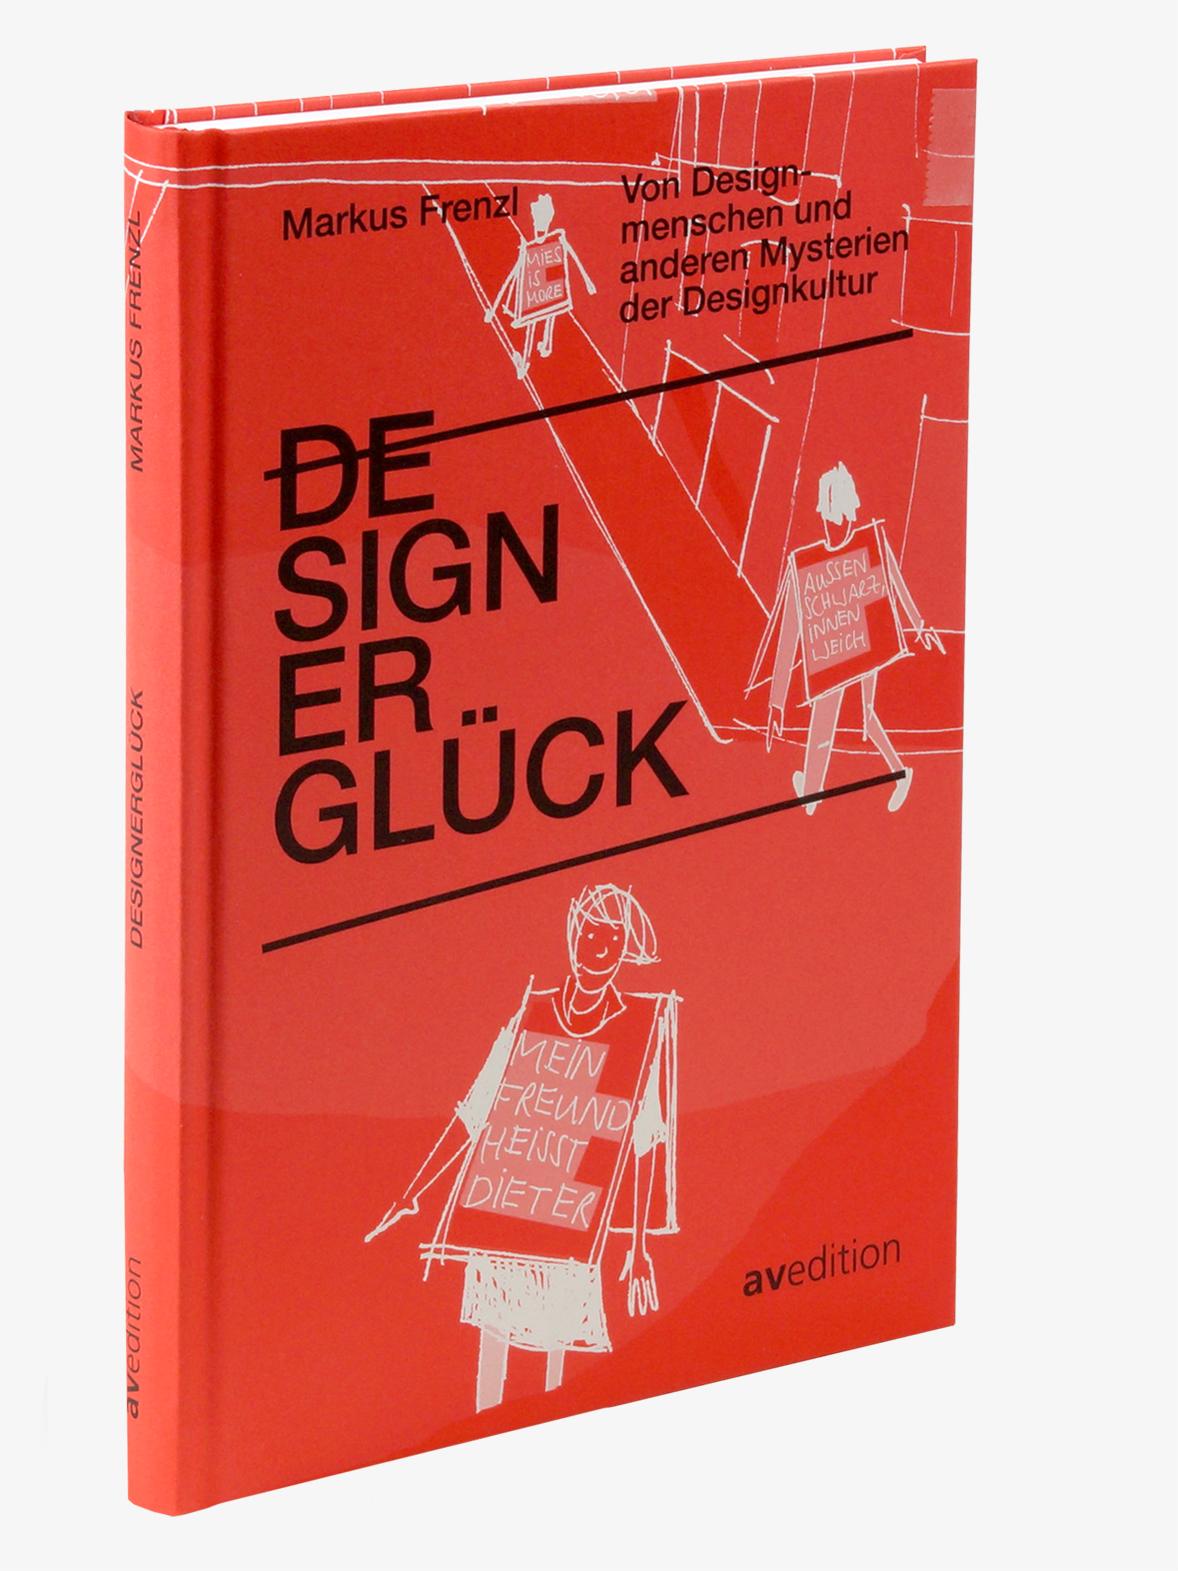 Designerglück – Von Designmenschen und anderen Mysterien der Designkultur